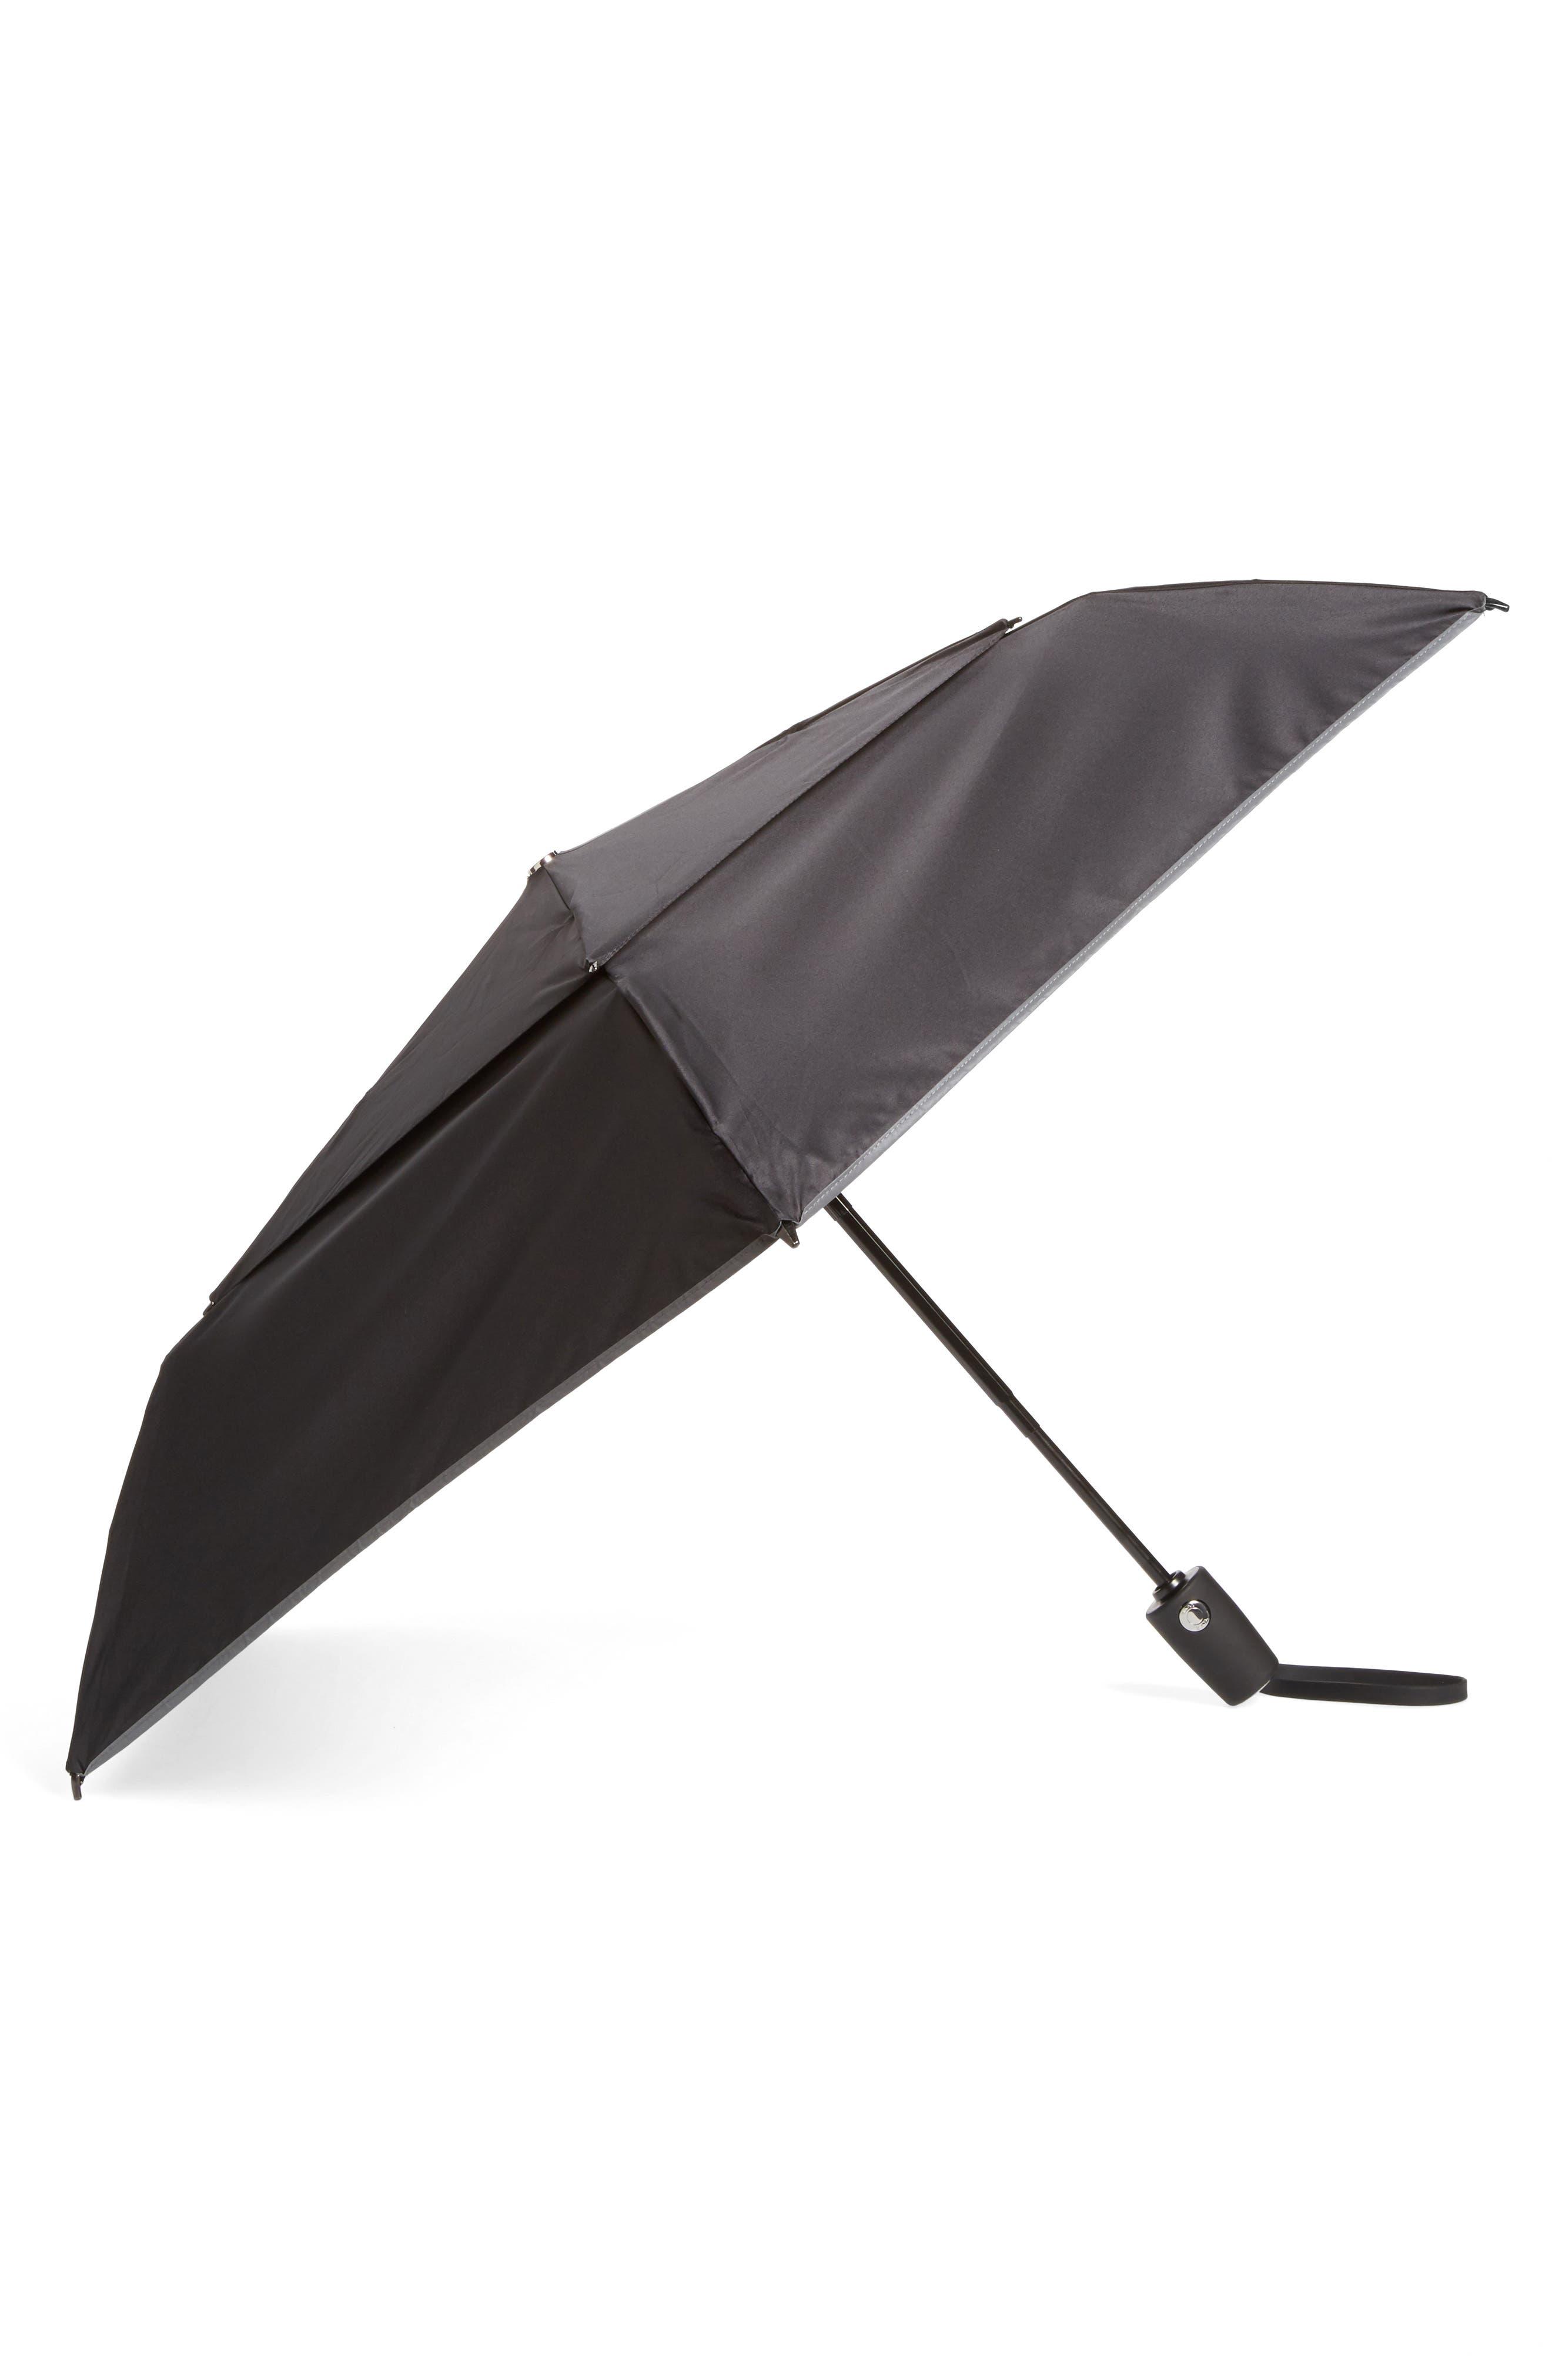 Medium Auto Close Umbrella,                         Main,                         color, BLACK